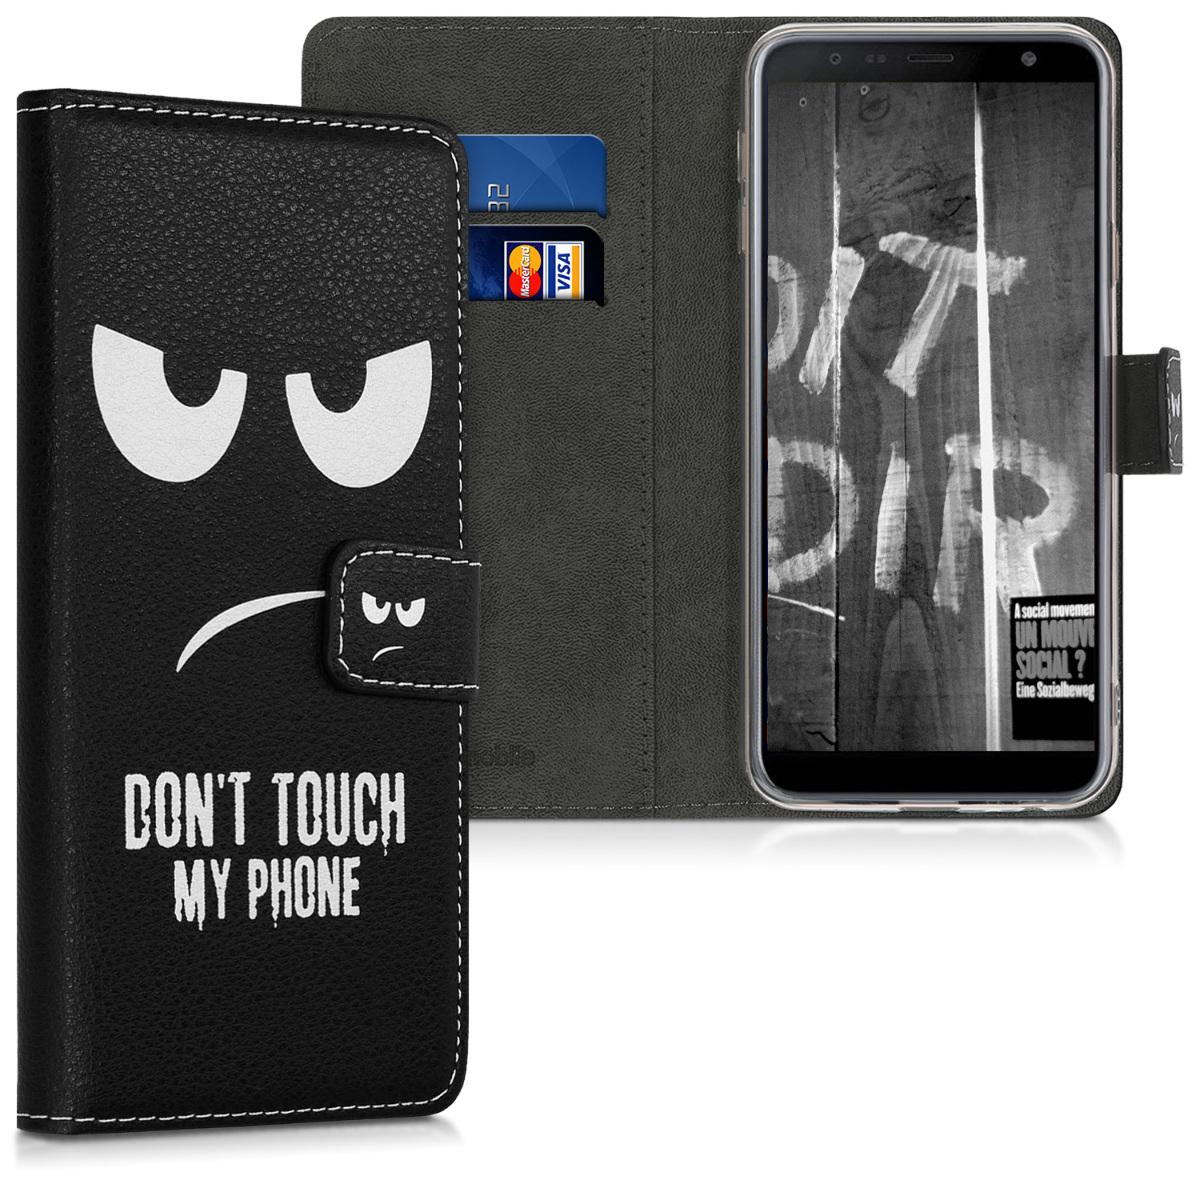 Kožené pouzdro pro Samsung J4+ | J4 Plus DUOS - Nedotýkejte My Phone bílé / černé